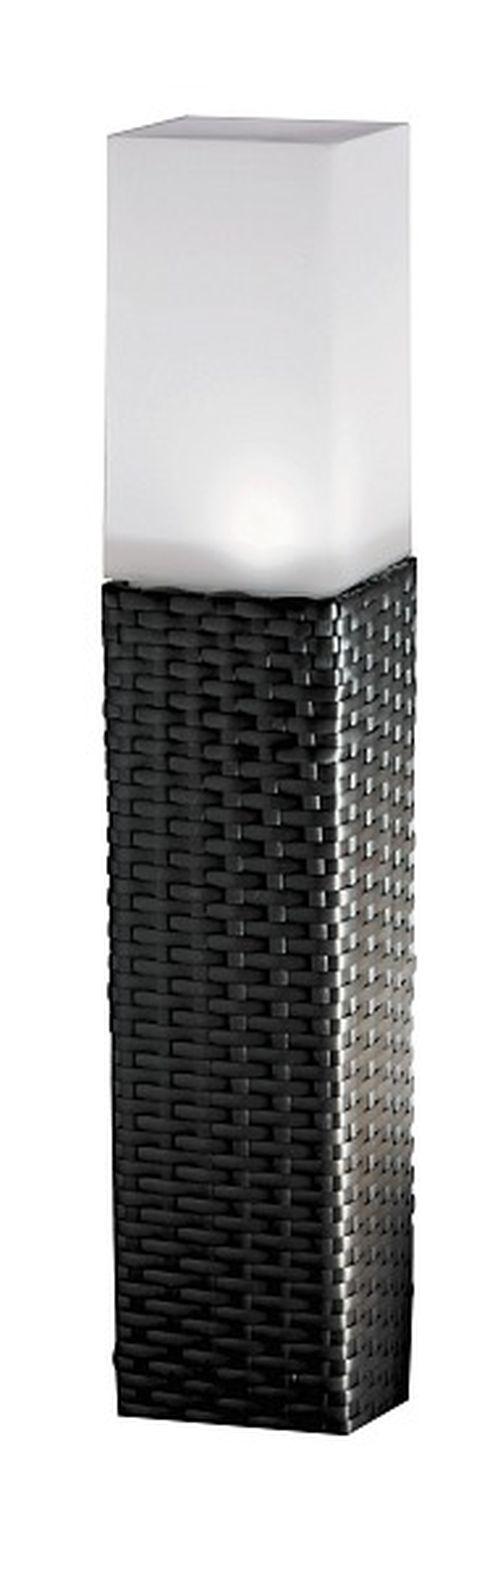 solarleuchte rattan plastik 500 g nstig online kaufen ebay. Black Bedroom Furniture Sets. Home Design Ideas